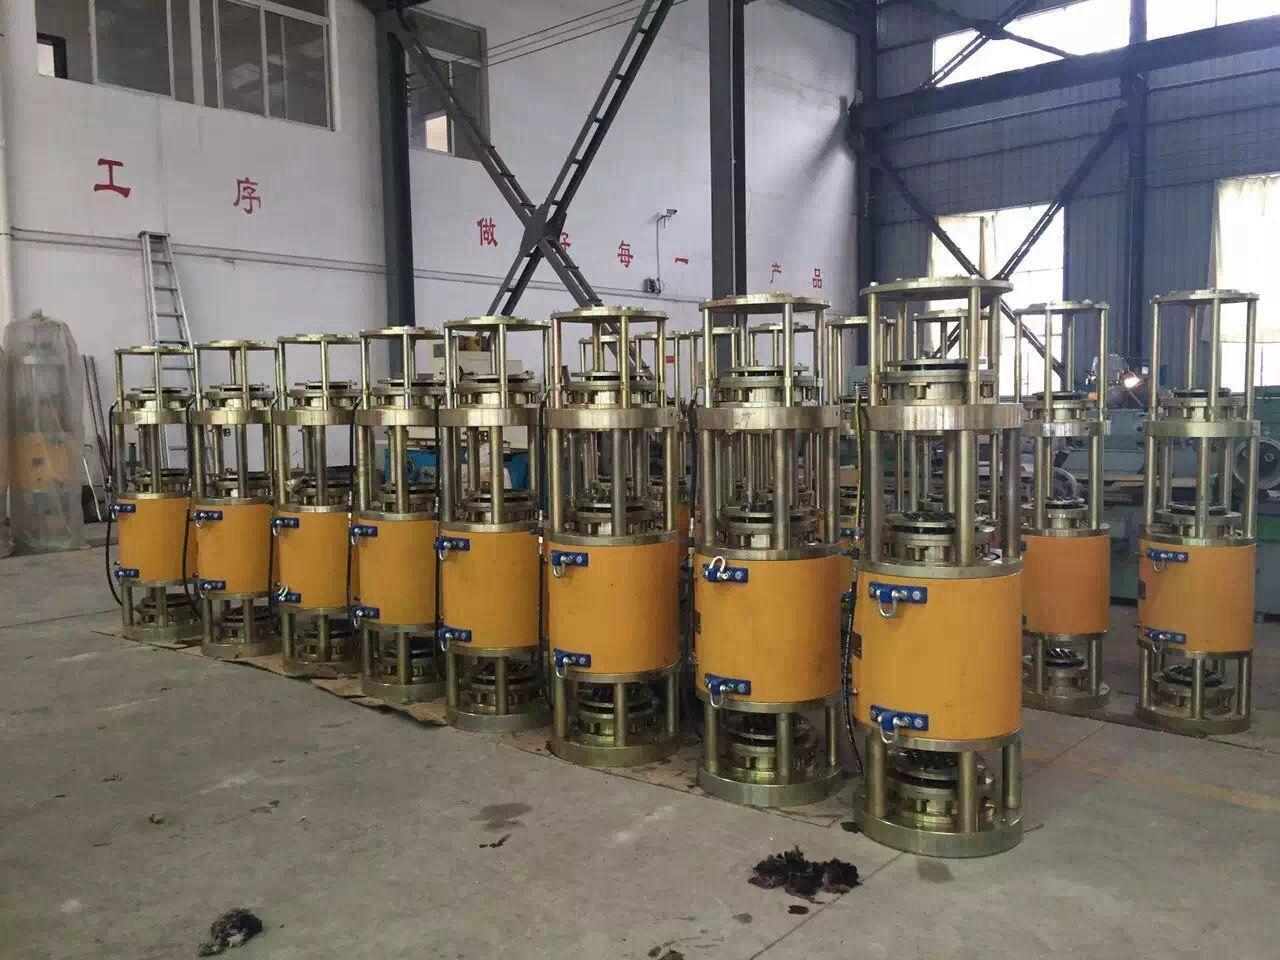 钢绞线承重连续提升下放液压千斤顶专业技术支持